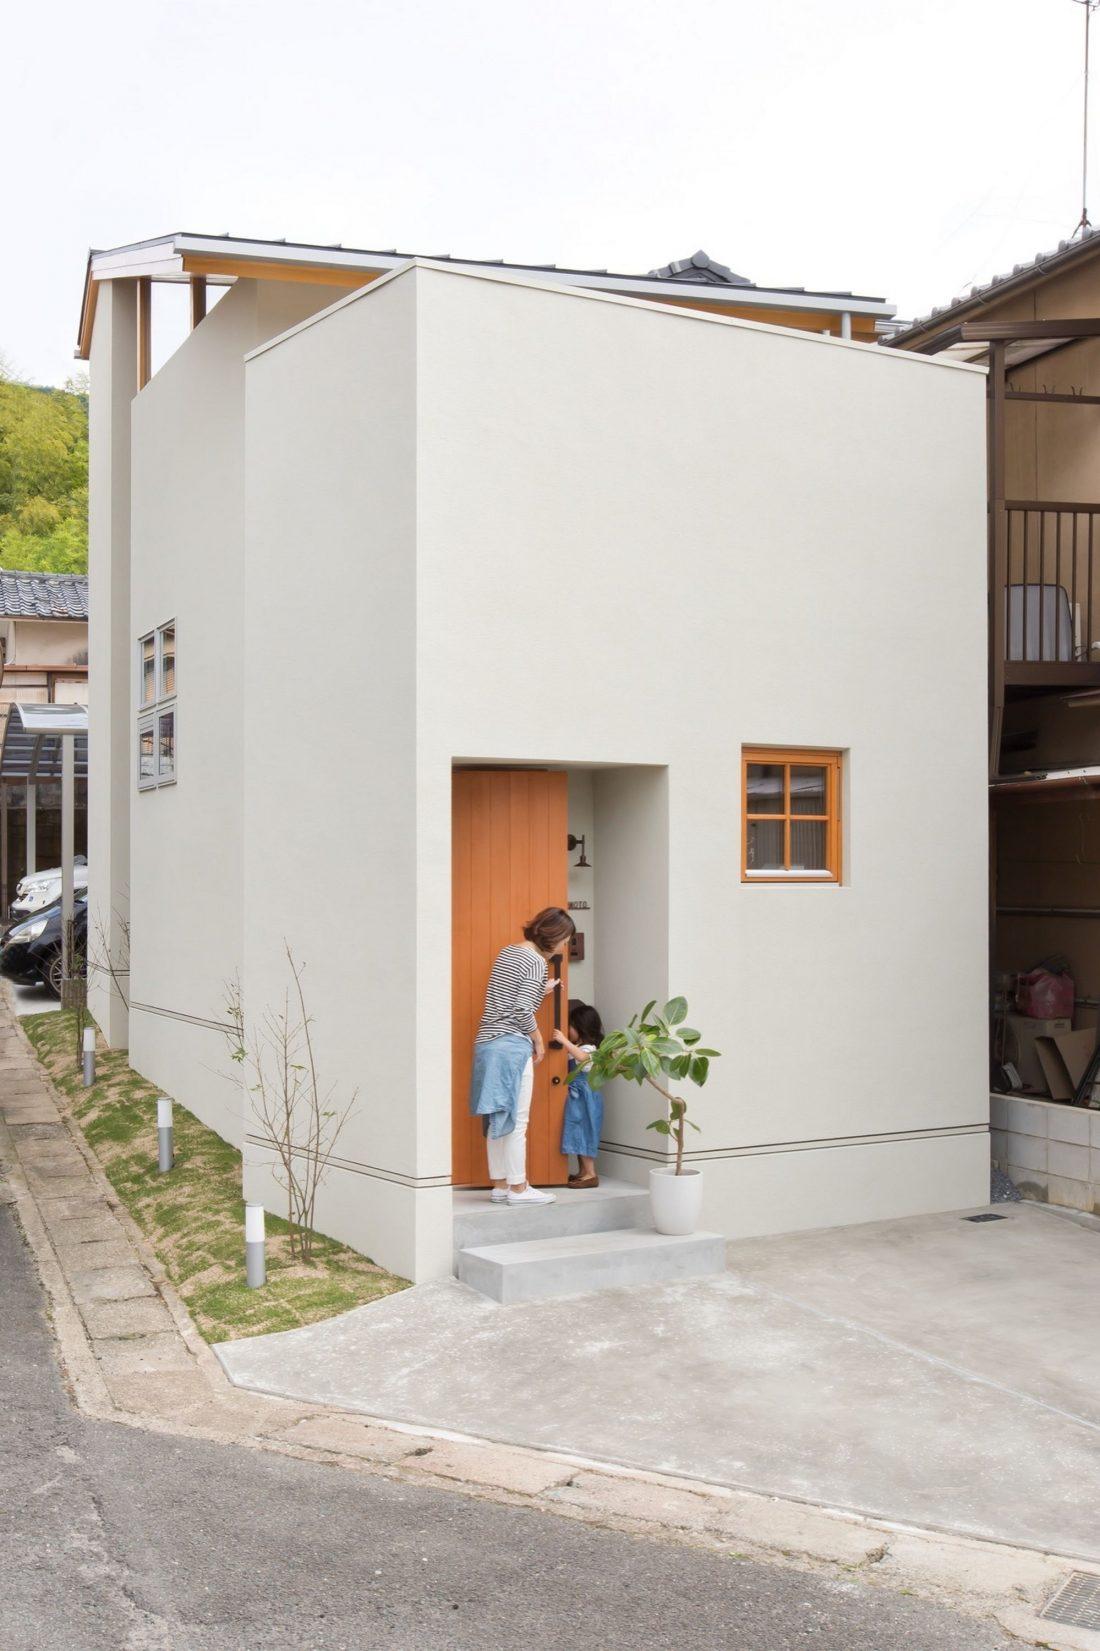 dom-v-stile-yaponskogo-minimalizma-v-kioto-proekt-alts-design-office-2